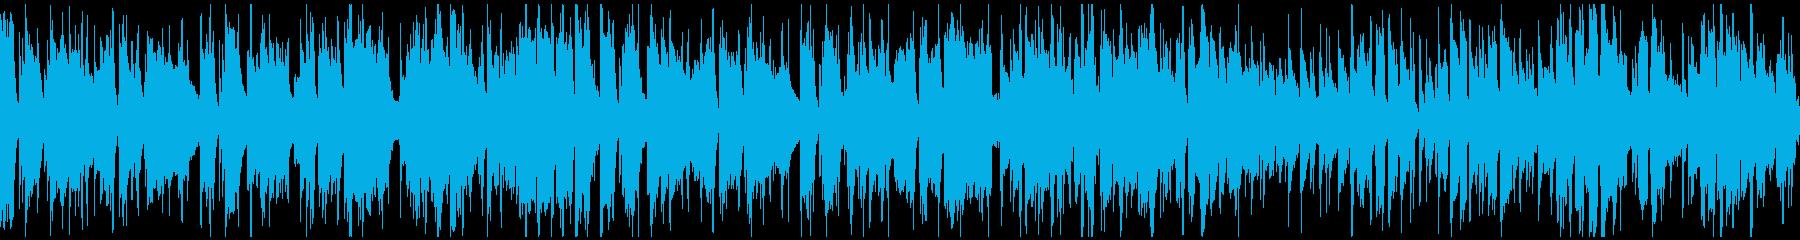 軽快で明るい爽快ジャズファンク※ループ版の再生済みの波形